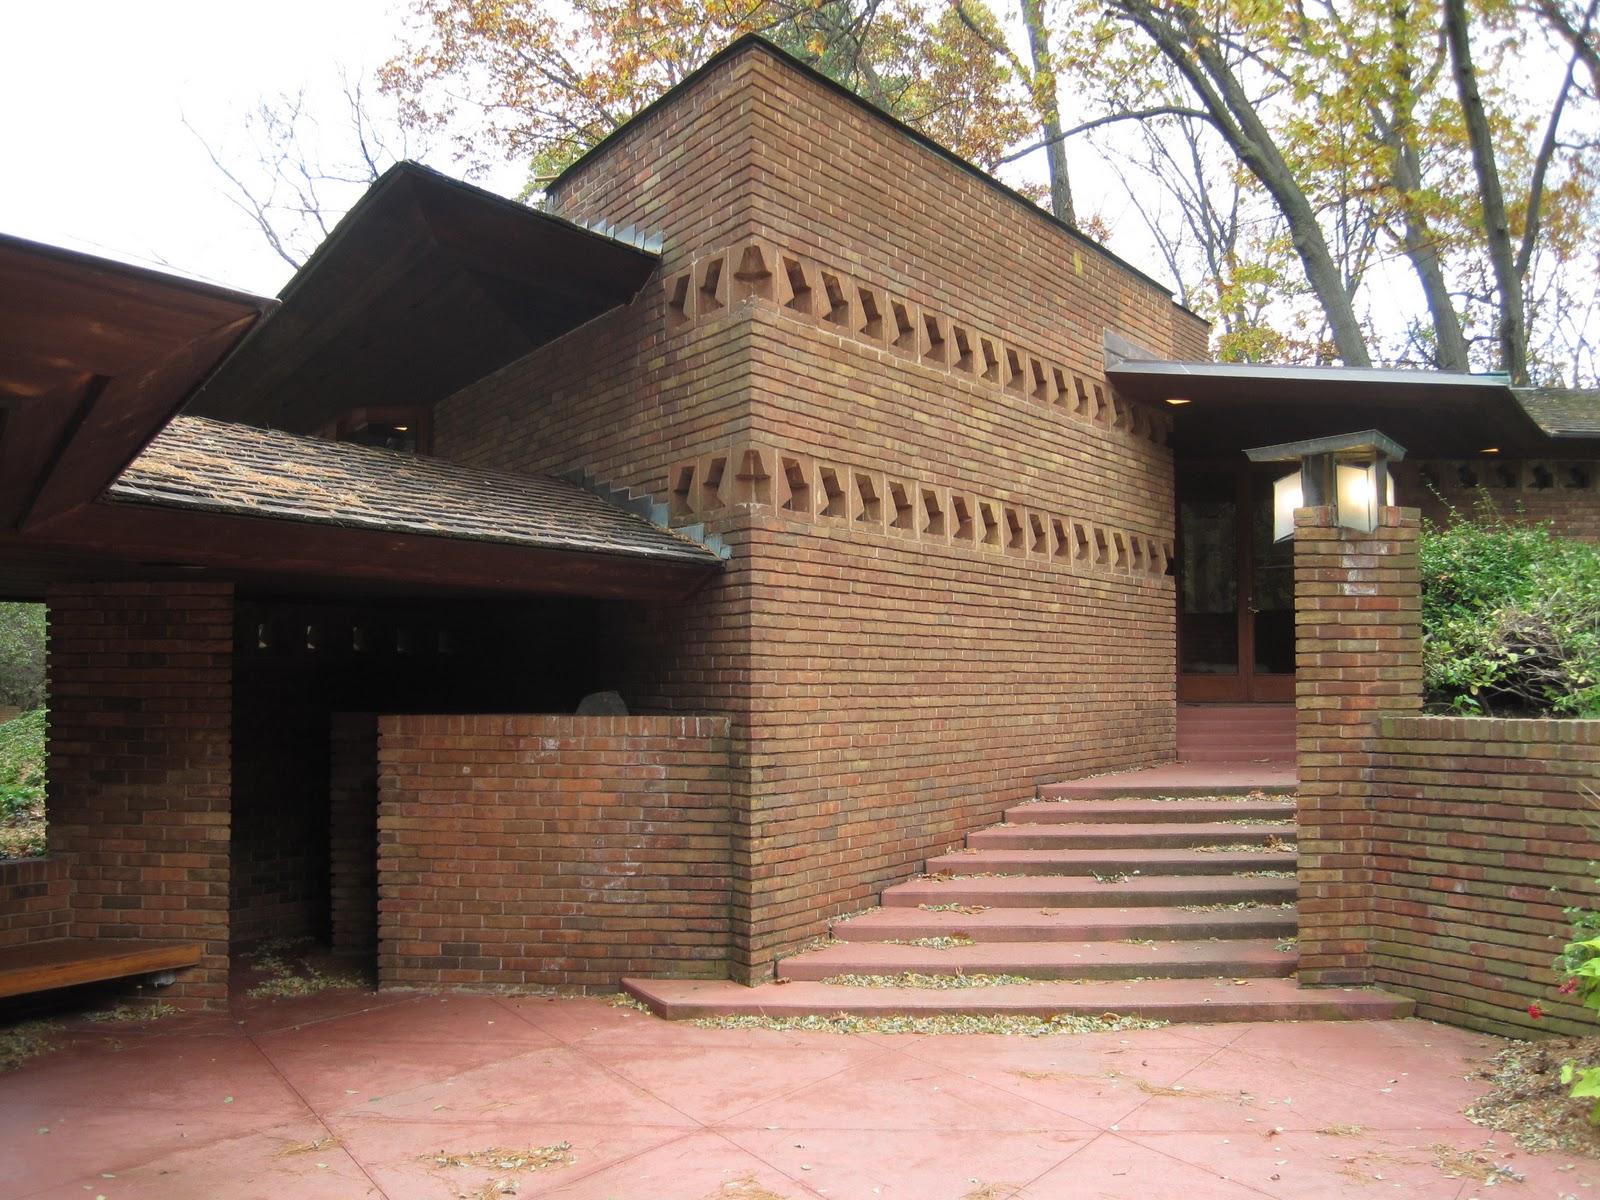 Colin edward slais architect designer frank lloyd wright for Frank lloyd wright palmer house